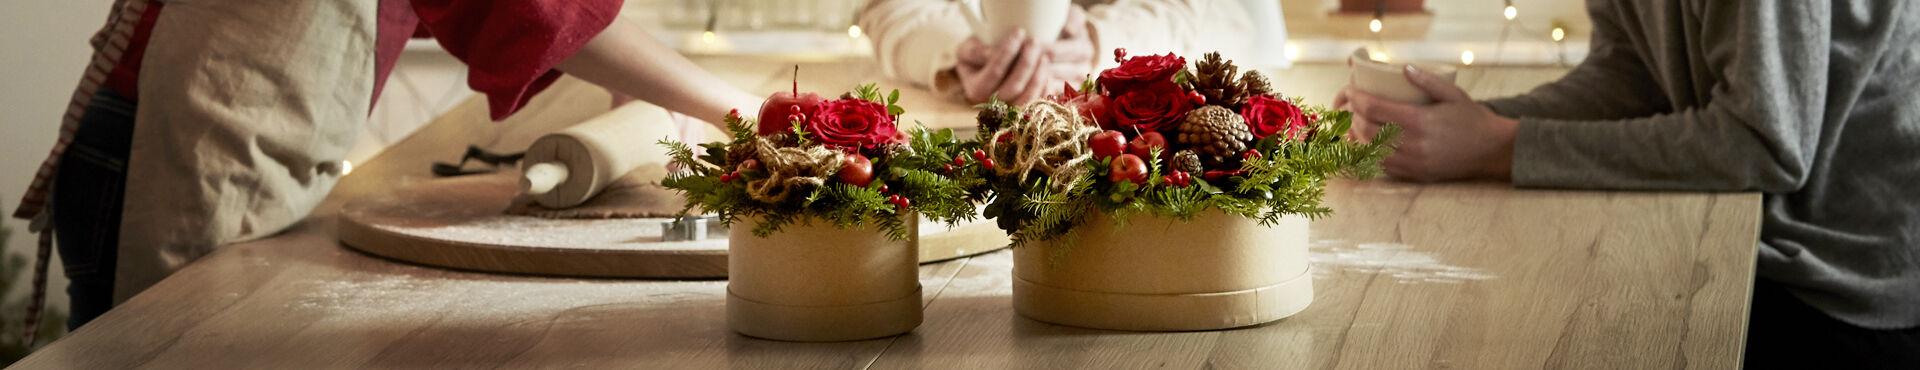 Två vackra julfina arrangemang i runda pappaskar står på en köksbänk, i bakrunden bakar några barn pepparkakor.